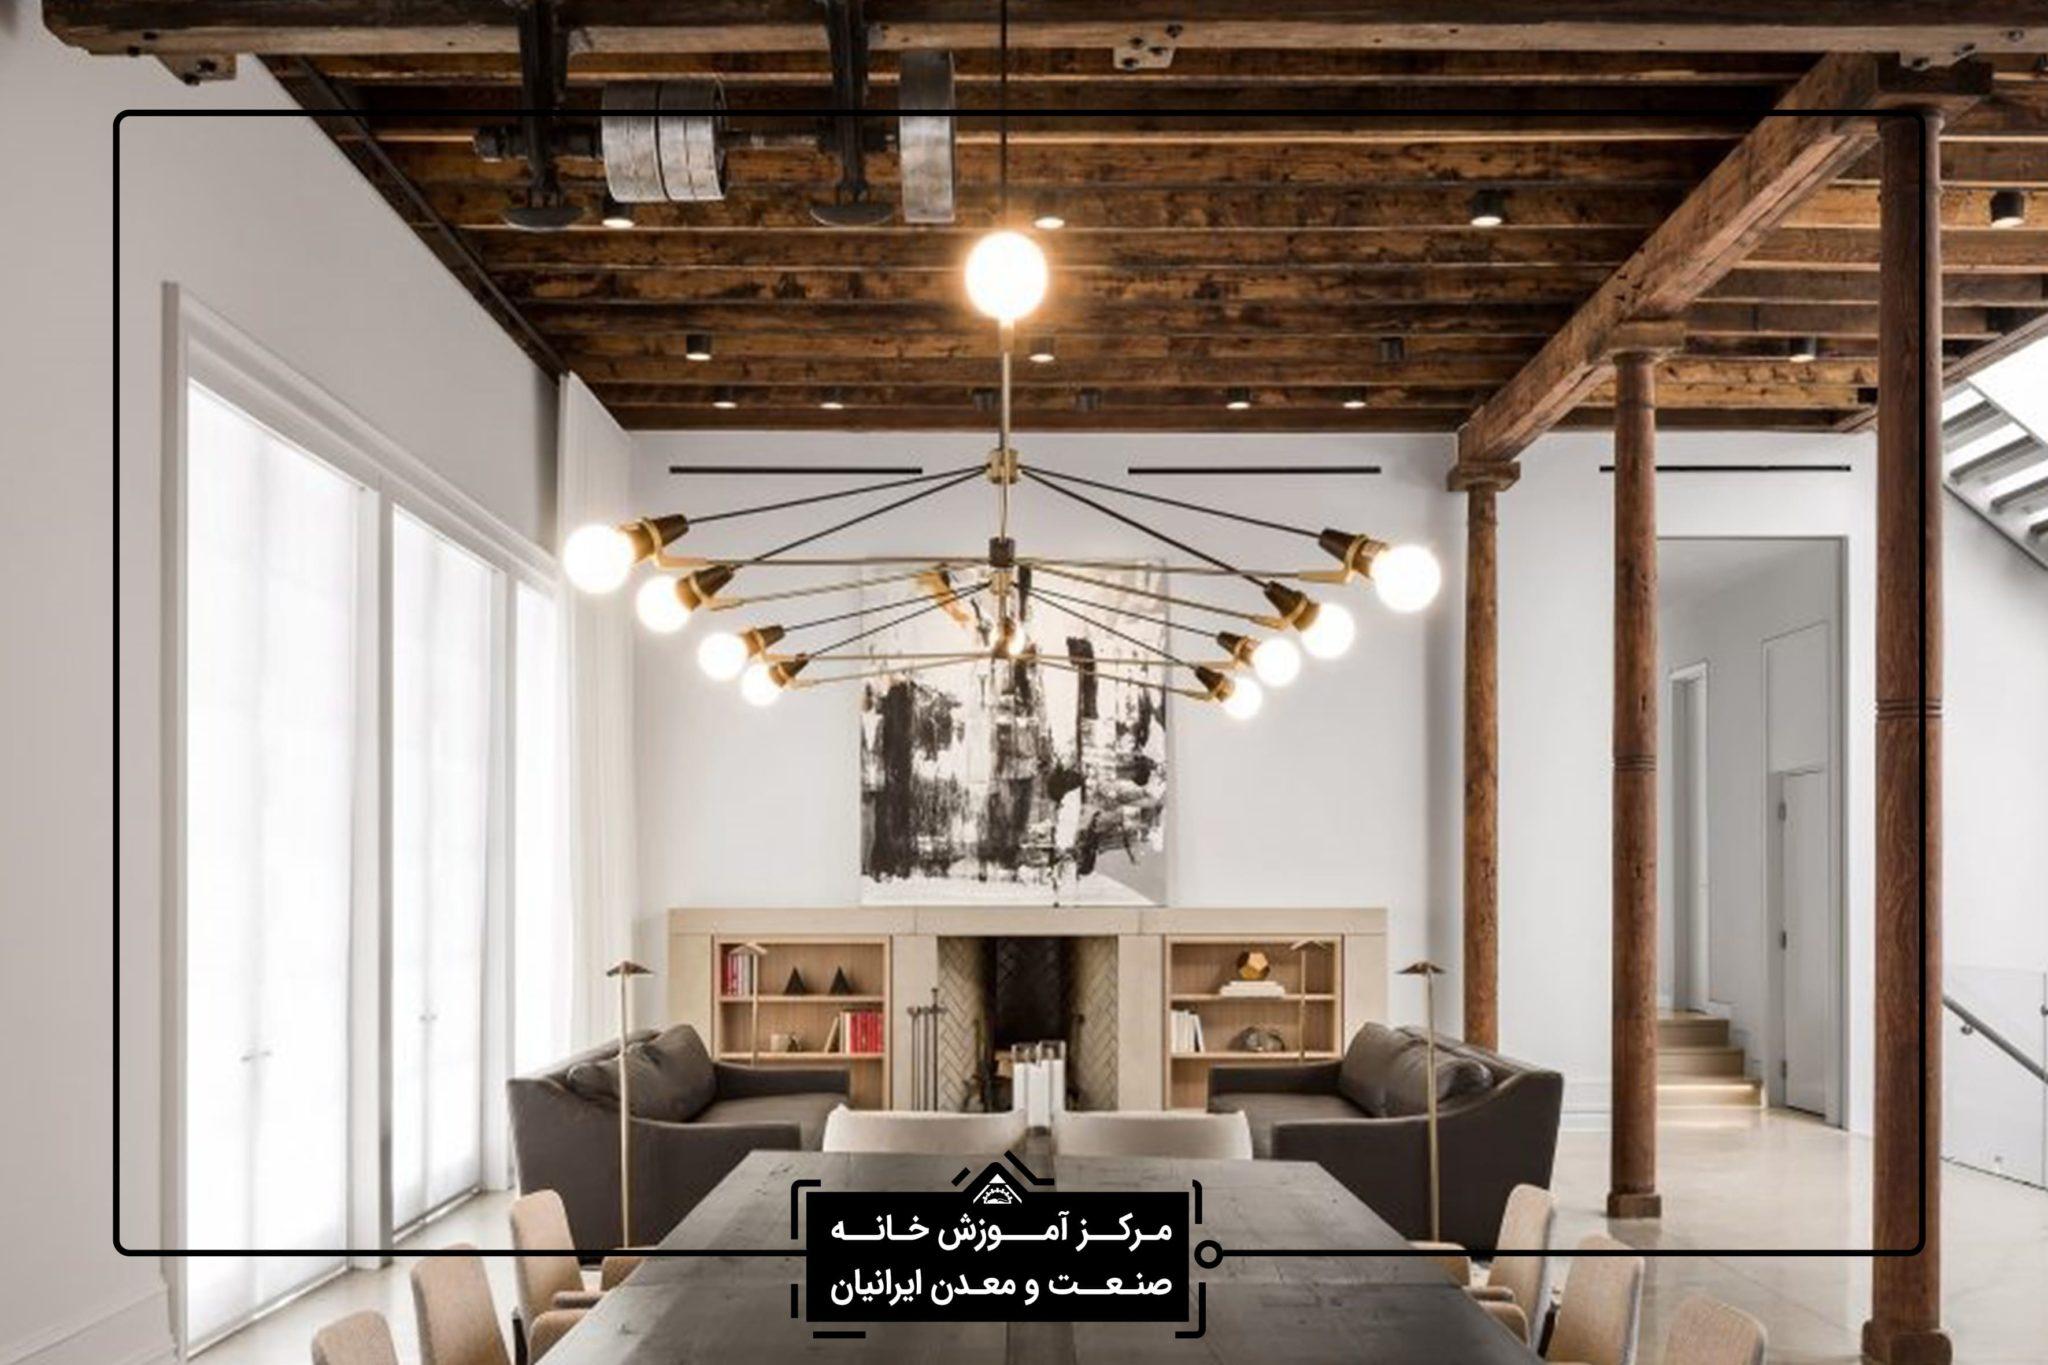 طراحی دکوراسیون داخلی در شیراز - دوره دکوراسیون داخلی با مدرک بین المللی درشیراز